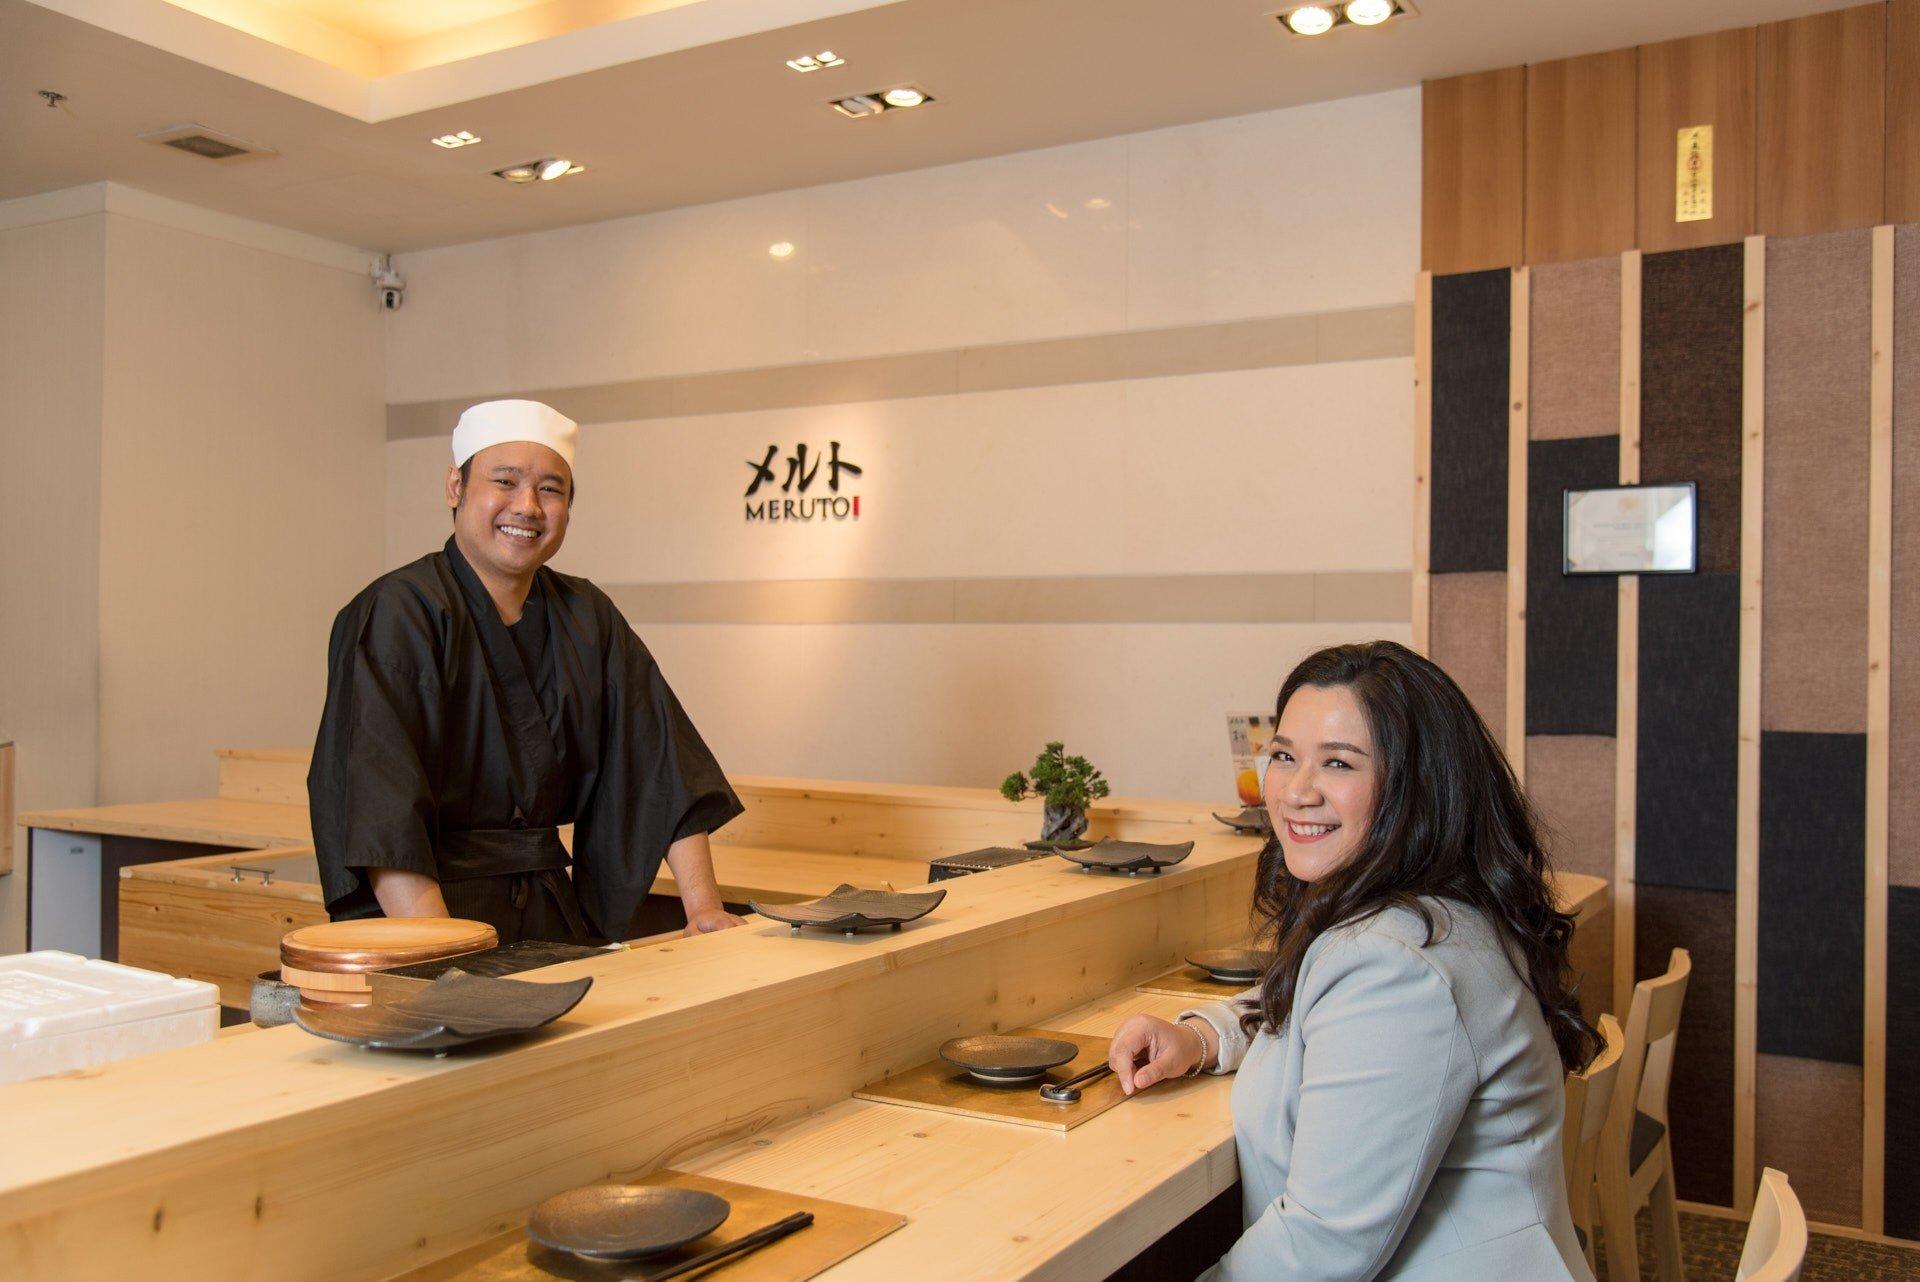 เชฟอาร์ม - กีรติ บุตดีวงษ์ และ คุณกี้ Founder and Owner of Meruto Sushi